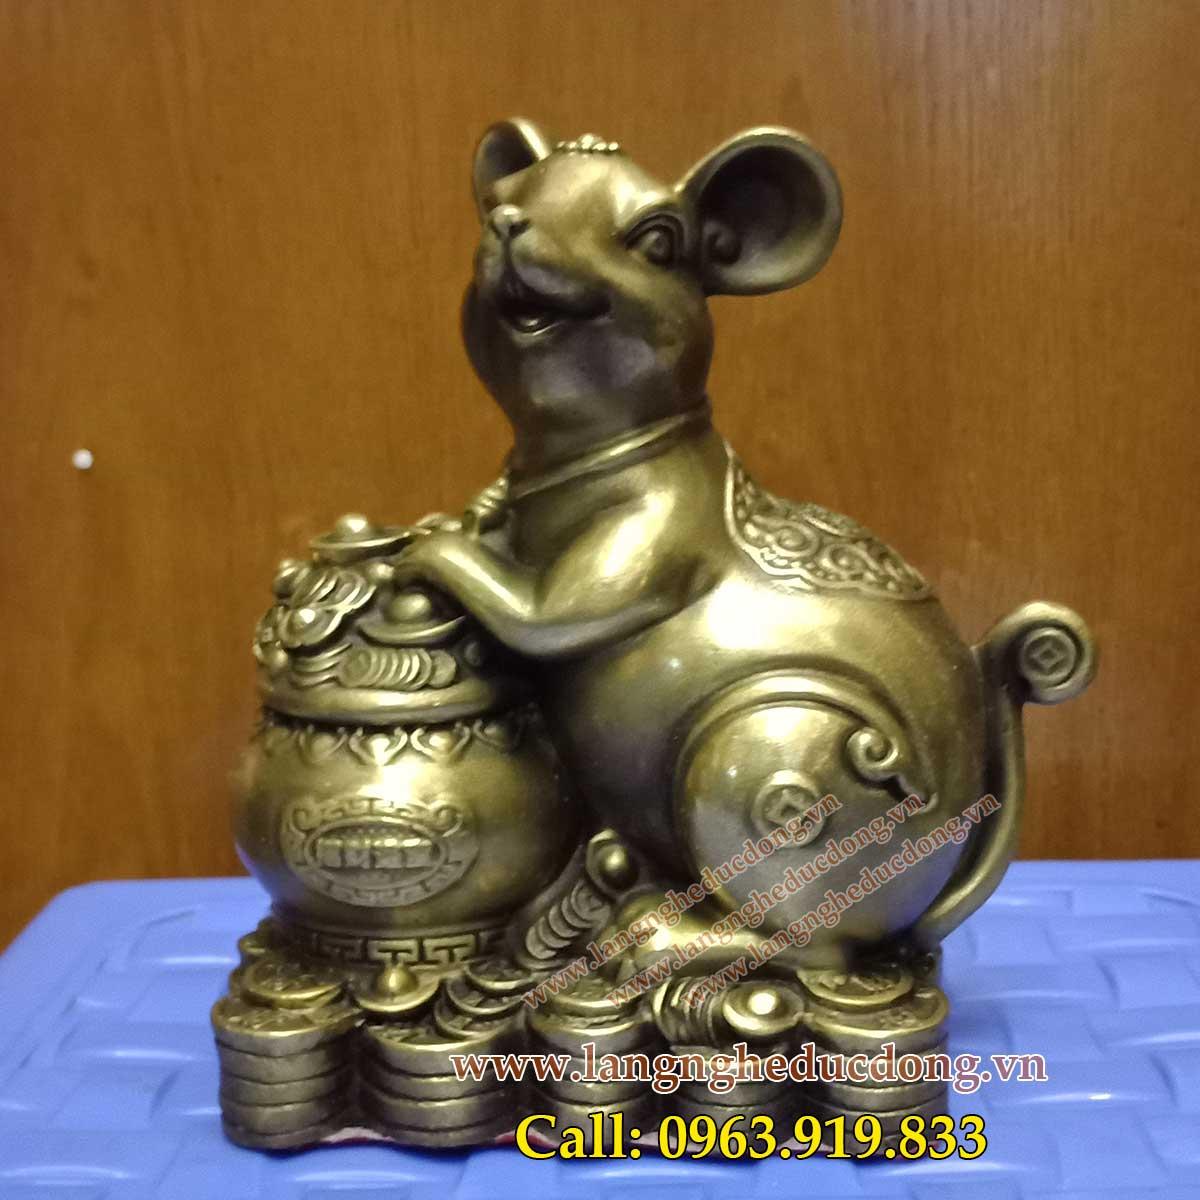 chuột ôm hũ tiền vàng phong thủy, chuột phong thủy dành cho người tuổi Tý.